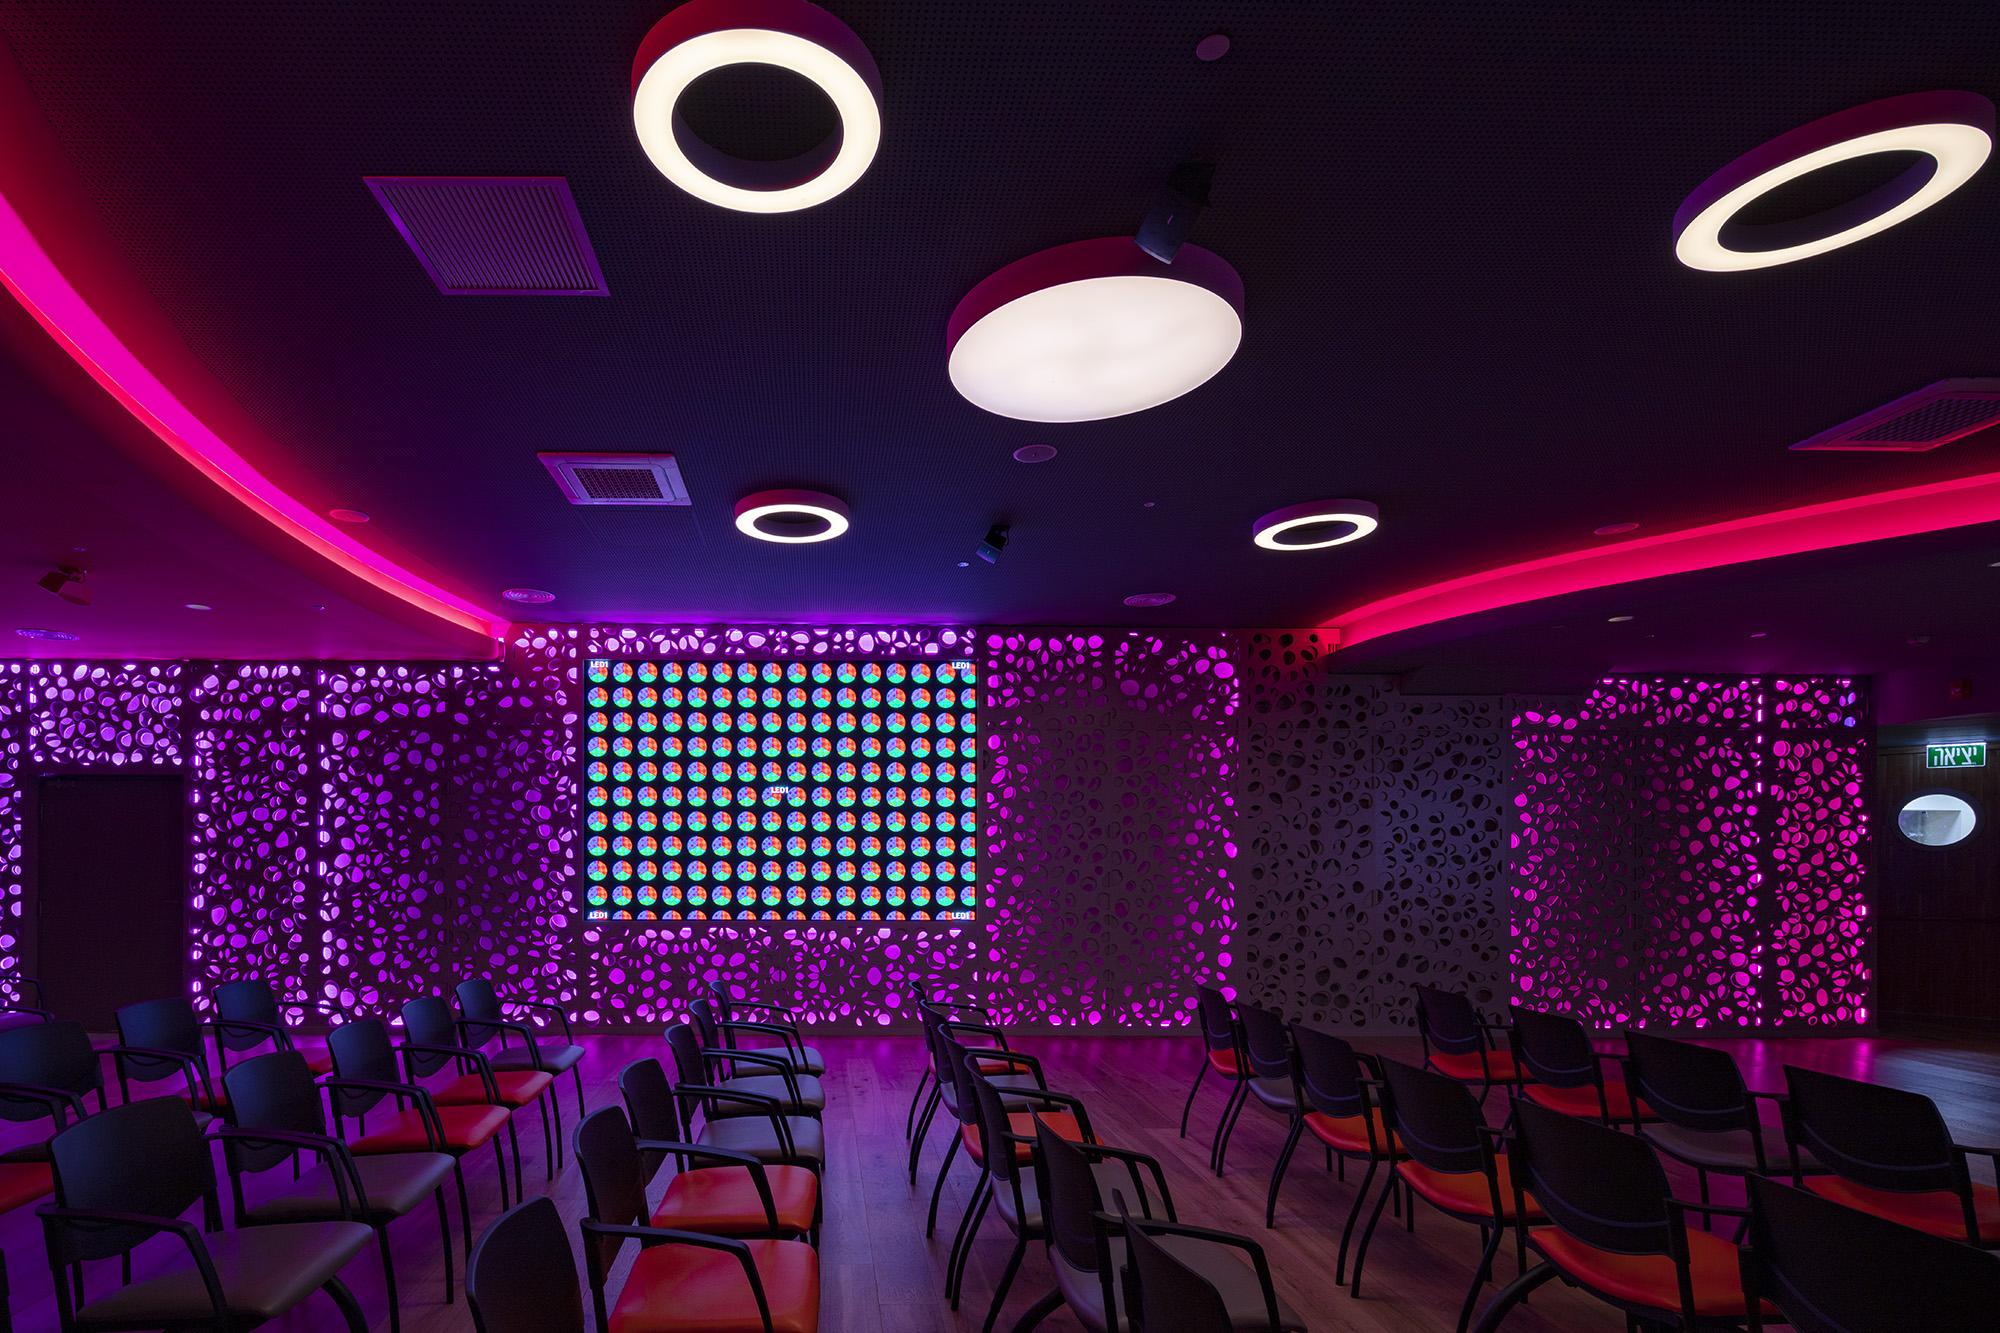 בית תרבות לדיור מוגן בתל-אביב